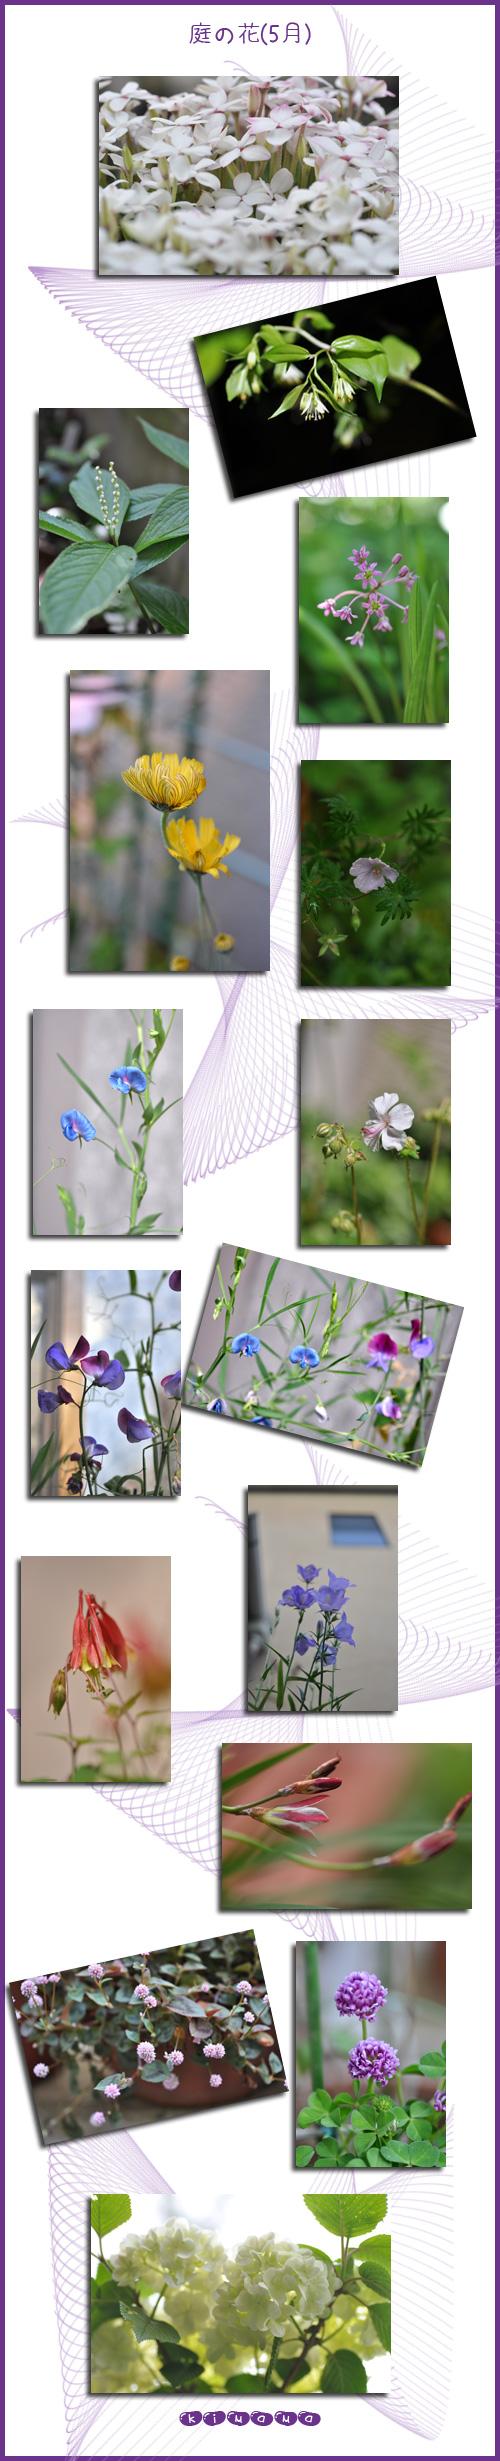 5月20日庭の花